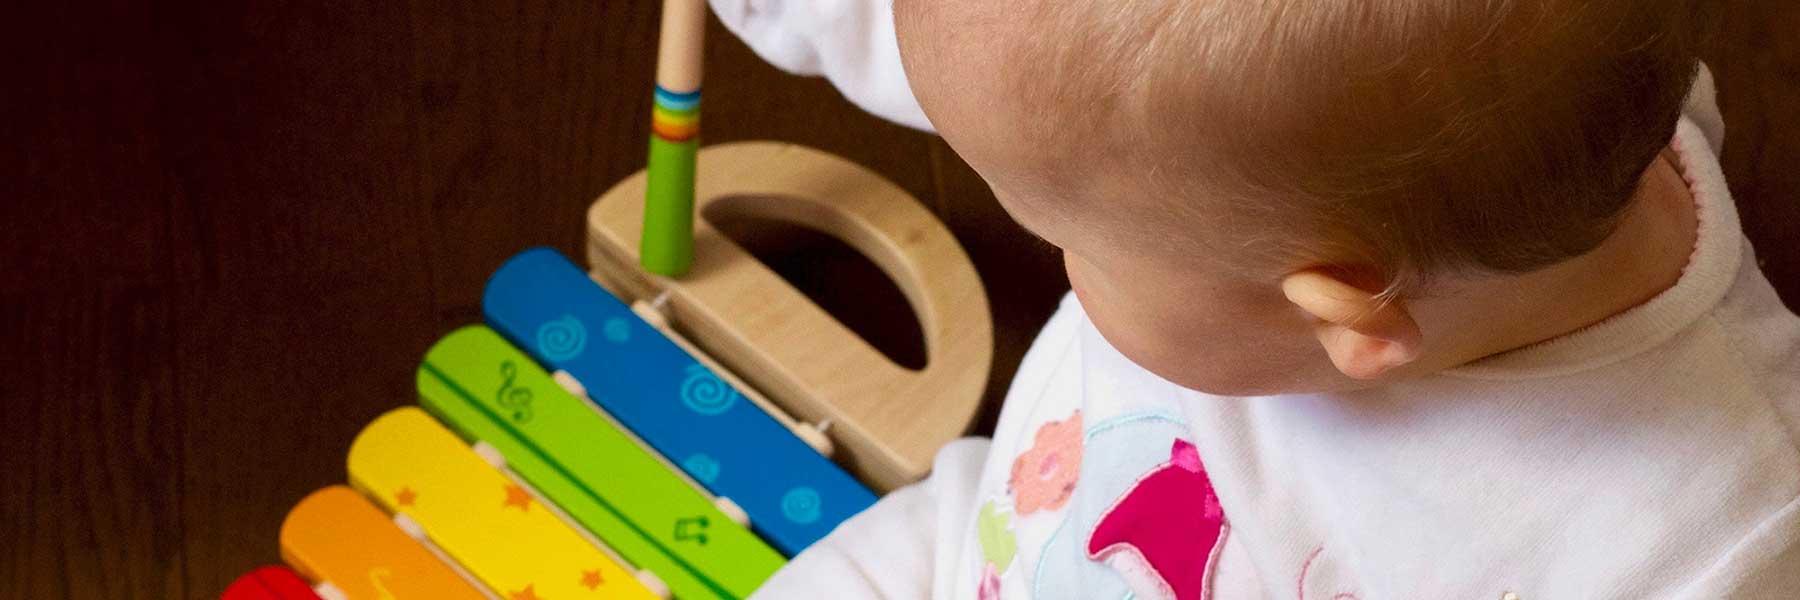 Kindertagespflege in Mülheim an der Ruhr